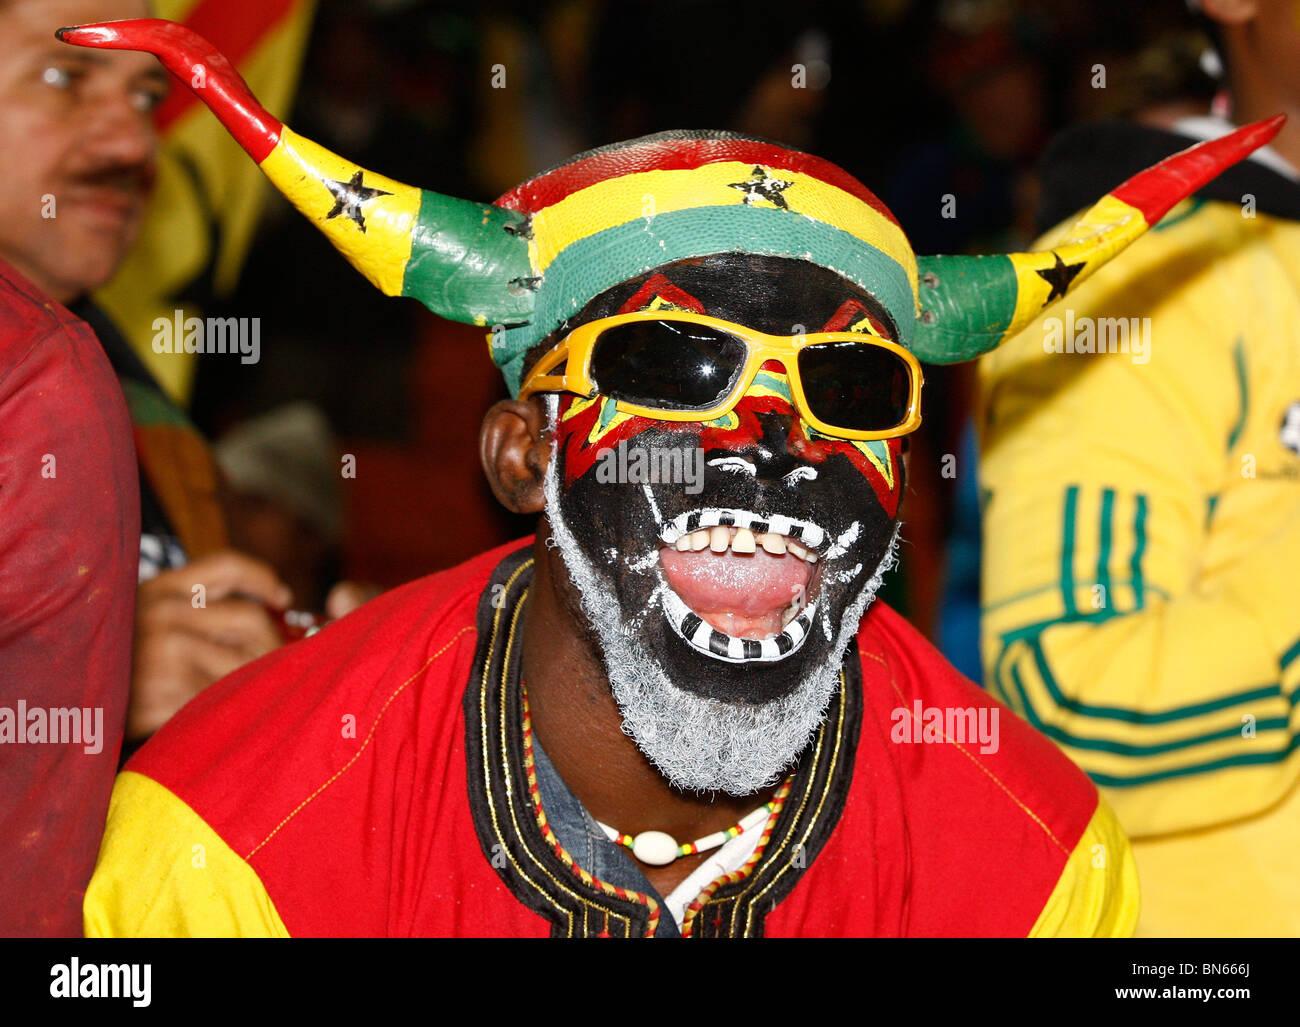 GHANA FAN URUGUAY V GHANA SOCCER CITY JOHANNESBURG SOUTH AFRICA 02